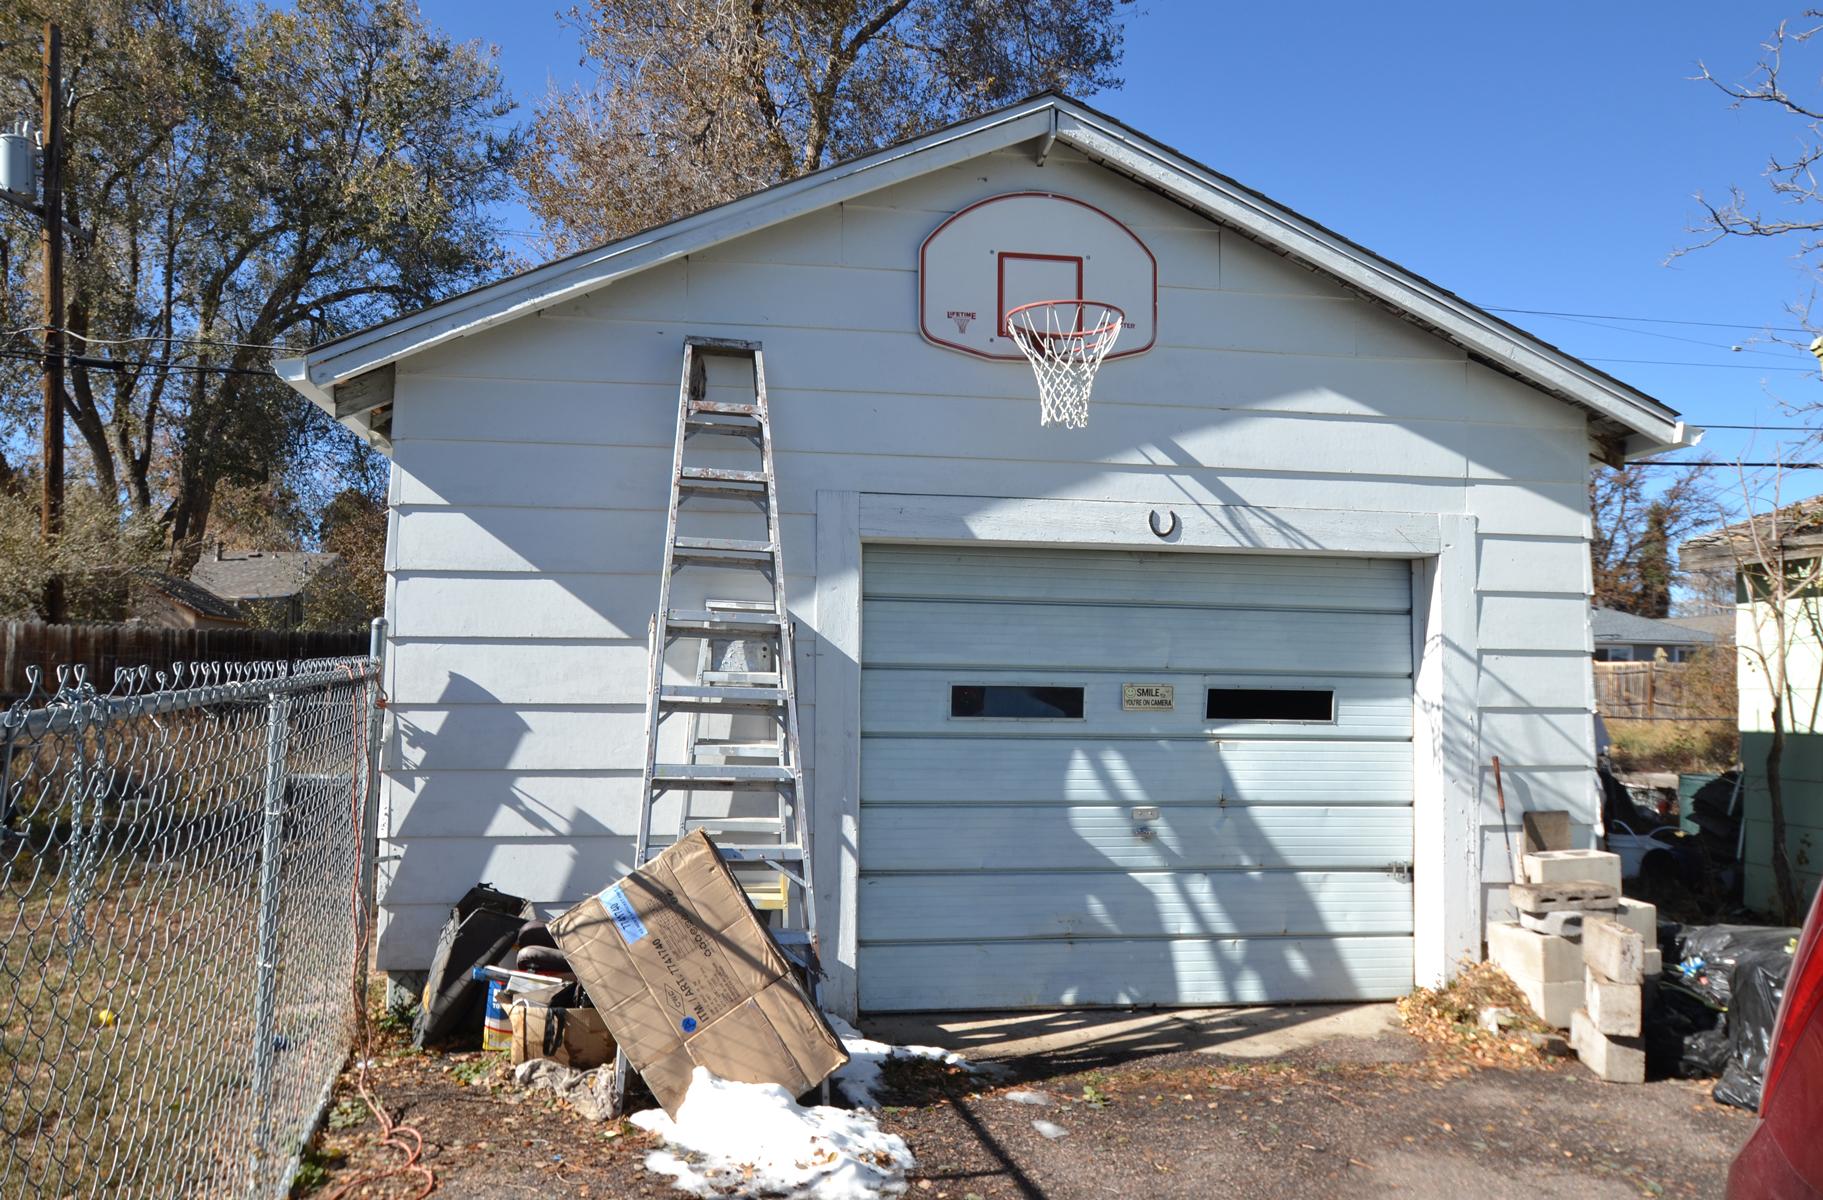 REAL ESTATE LISTING: 1947 Jay st Lakewood CO Detached Garage